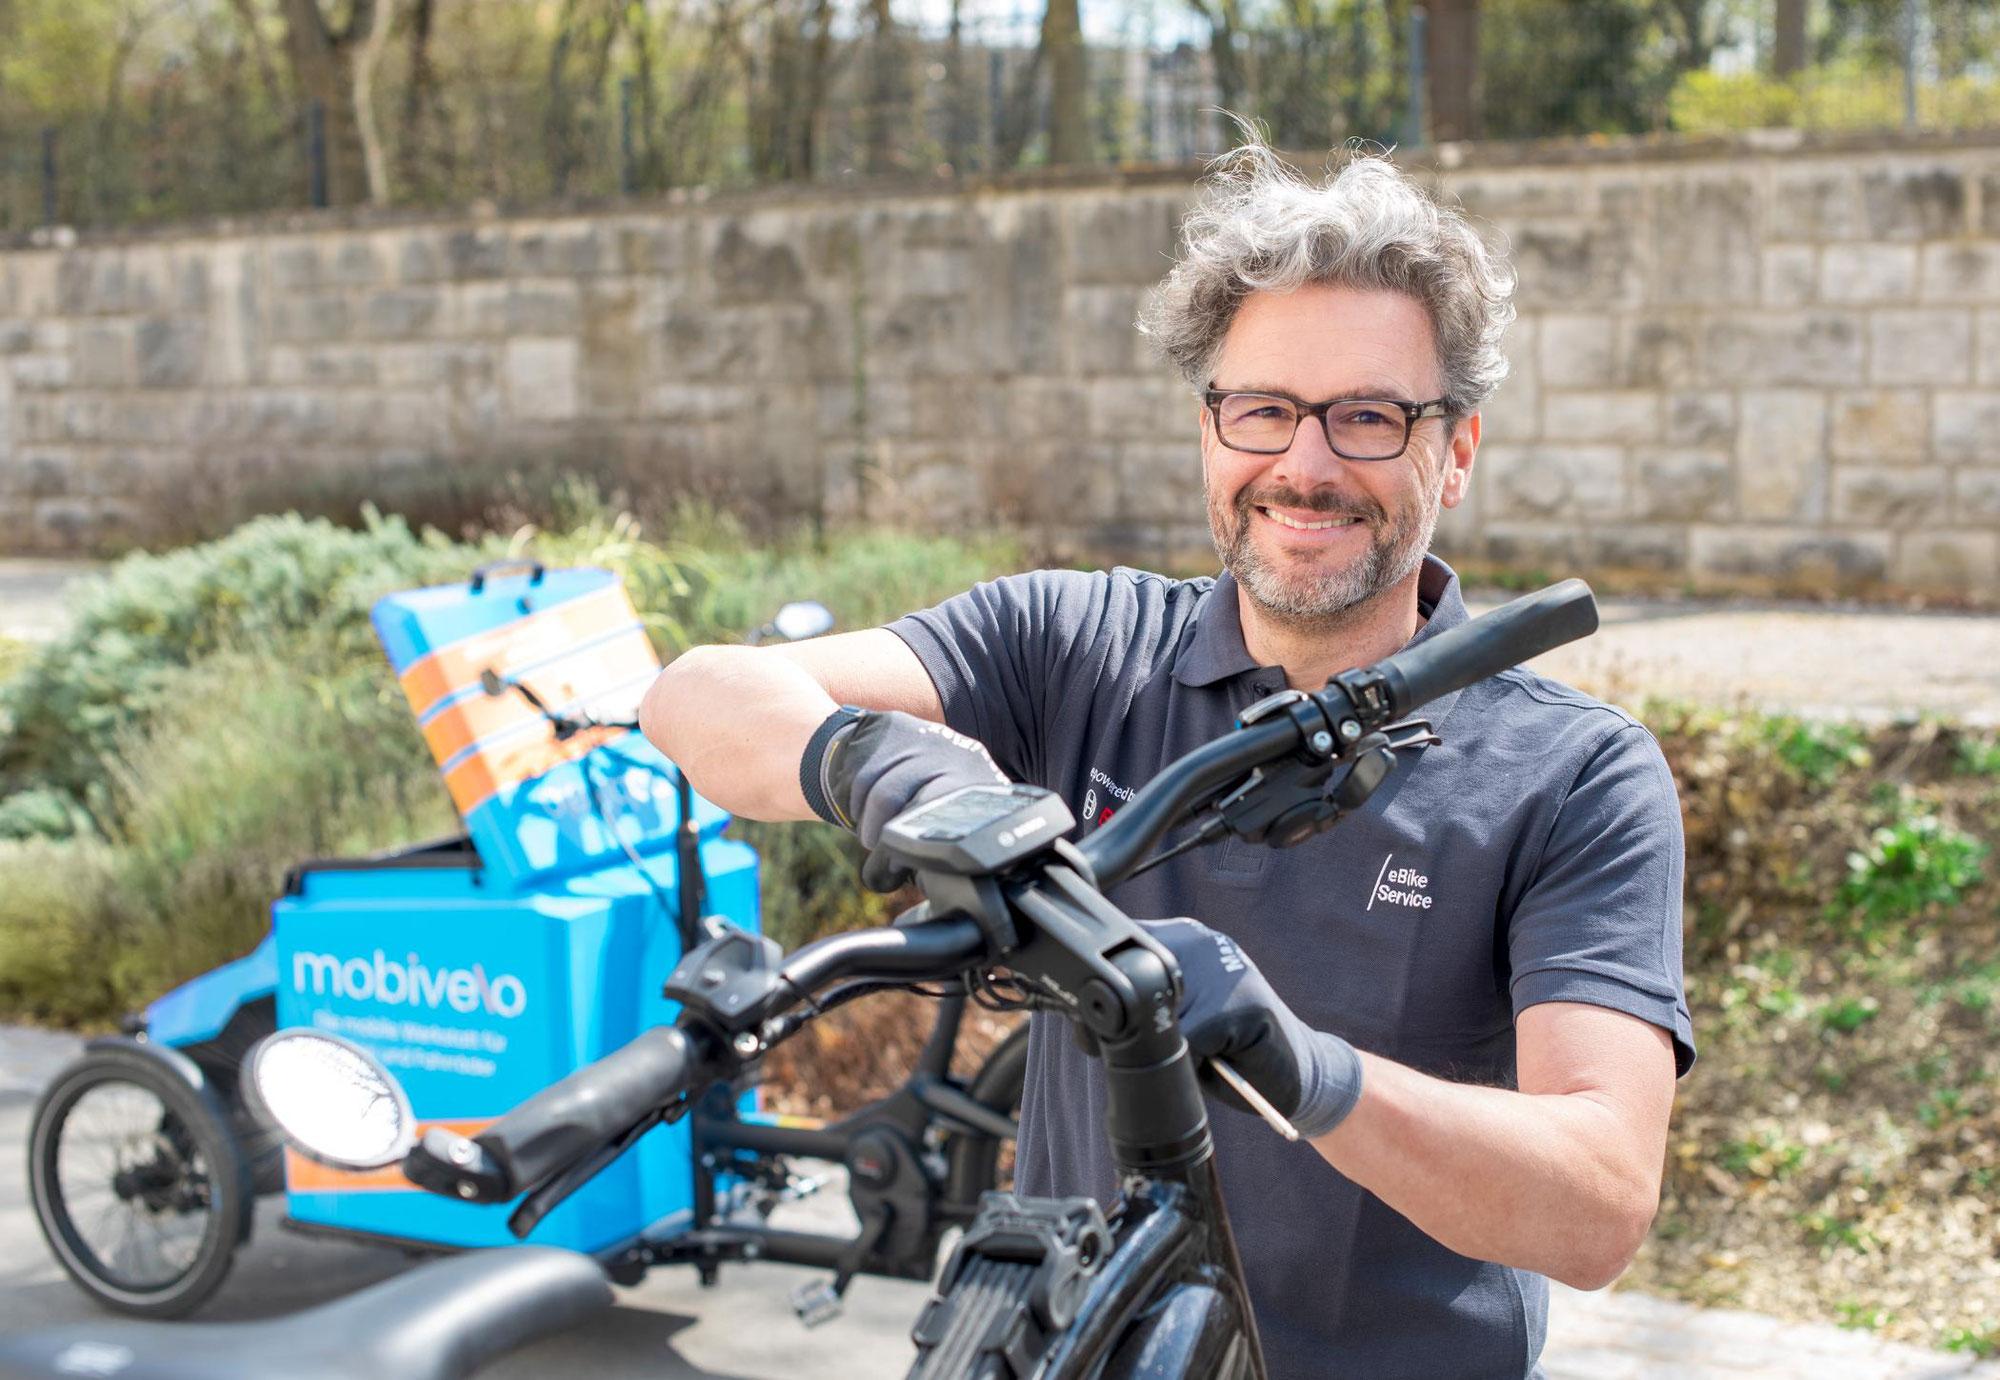 Mobile Werkstatt für eBikes und Fahrräder